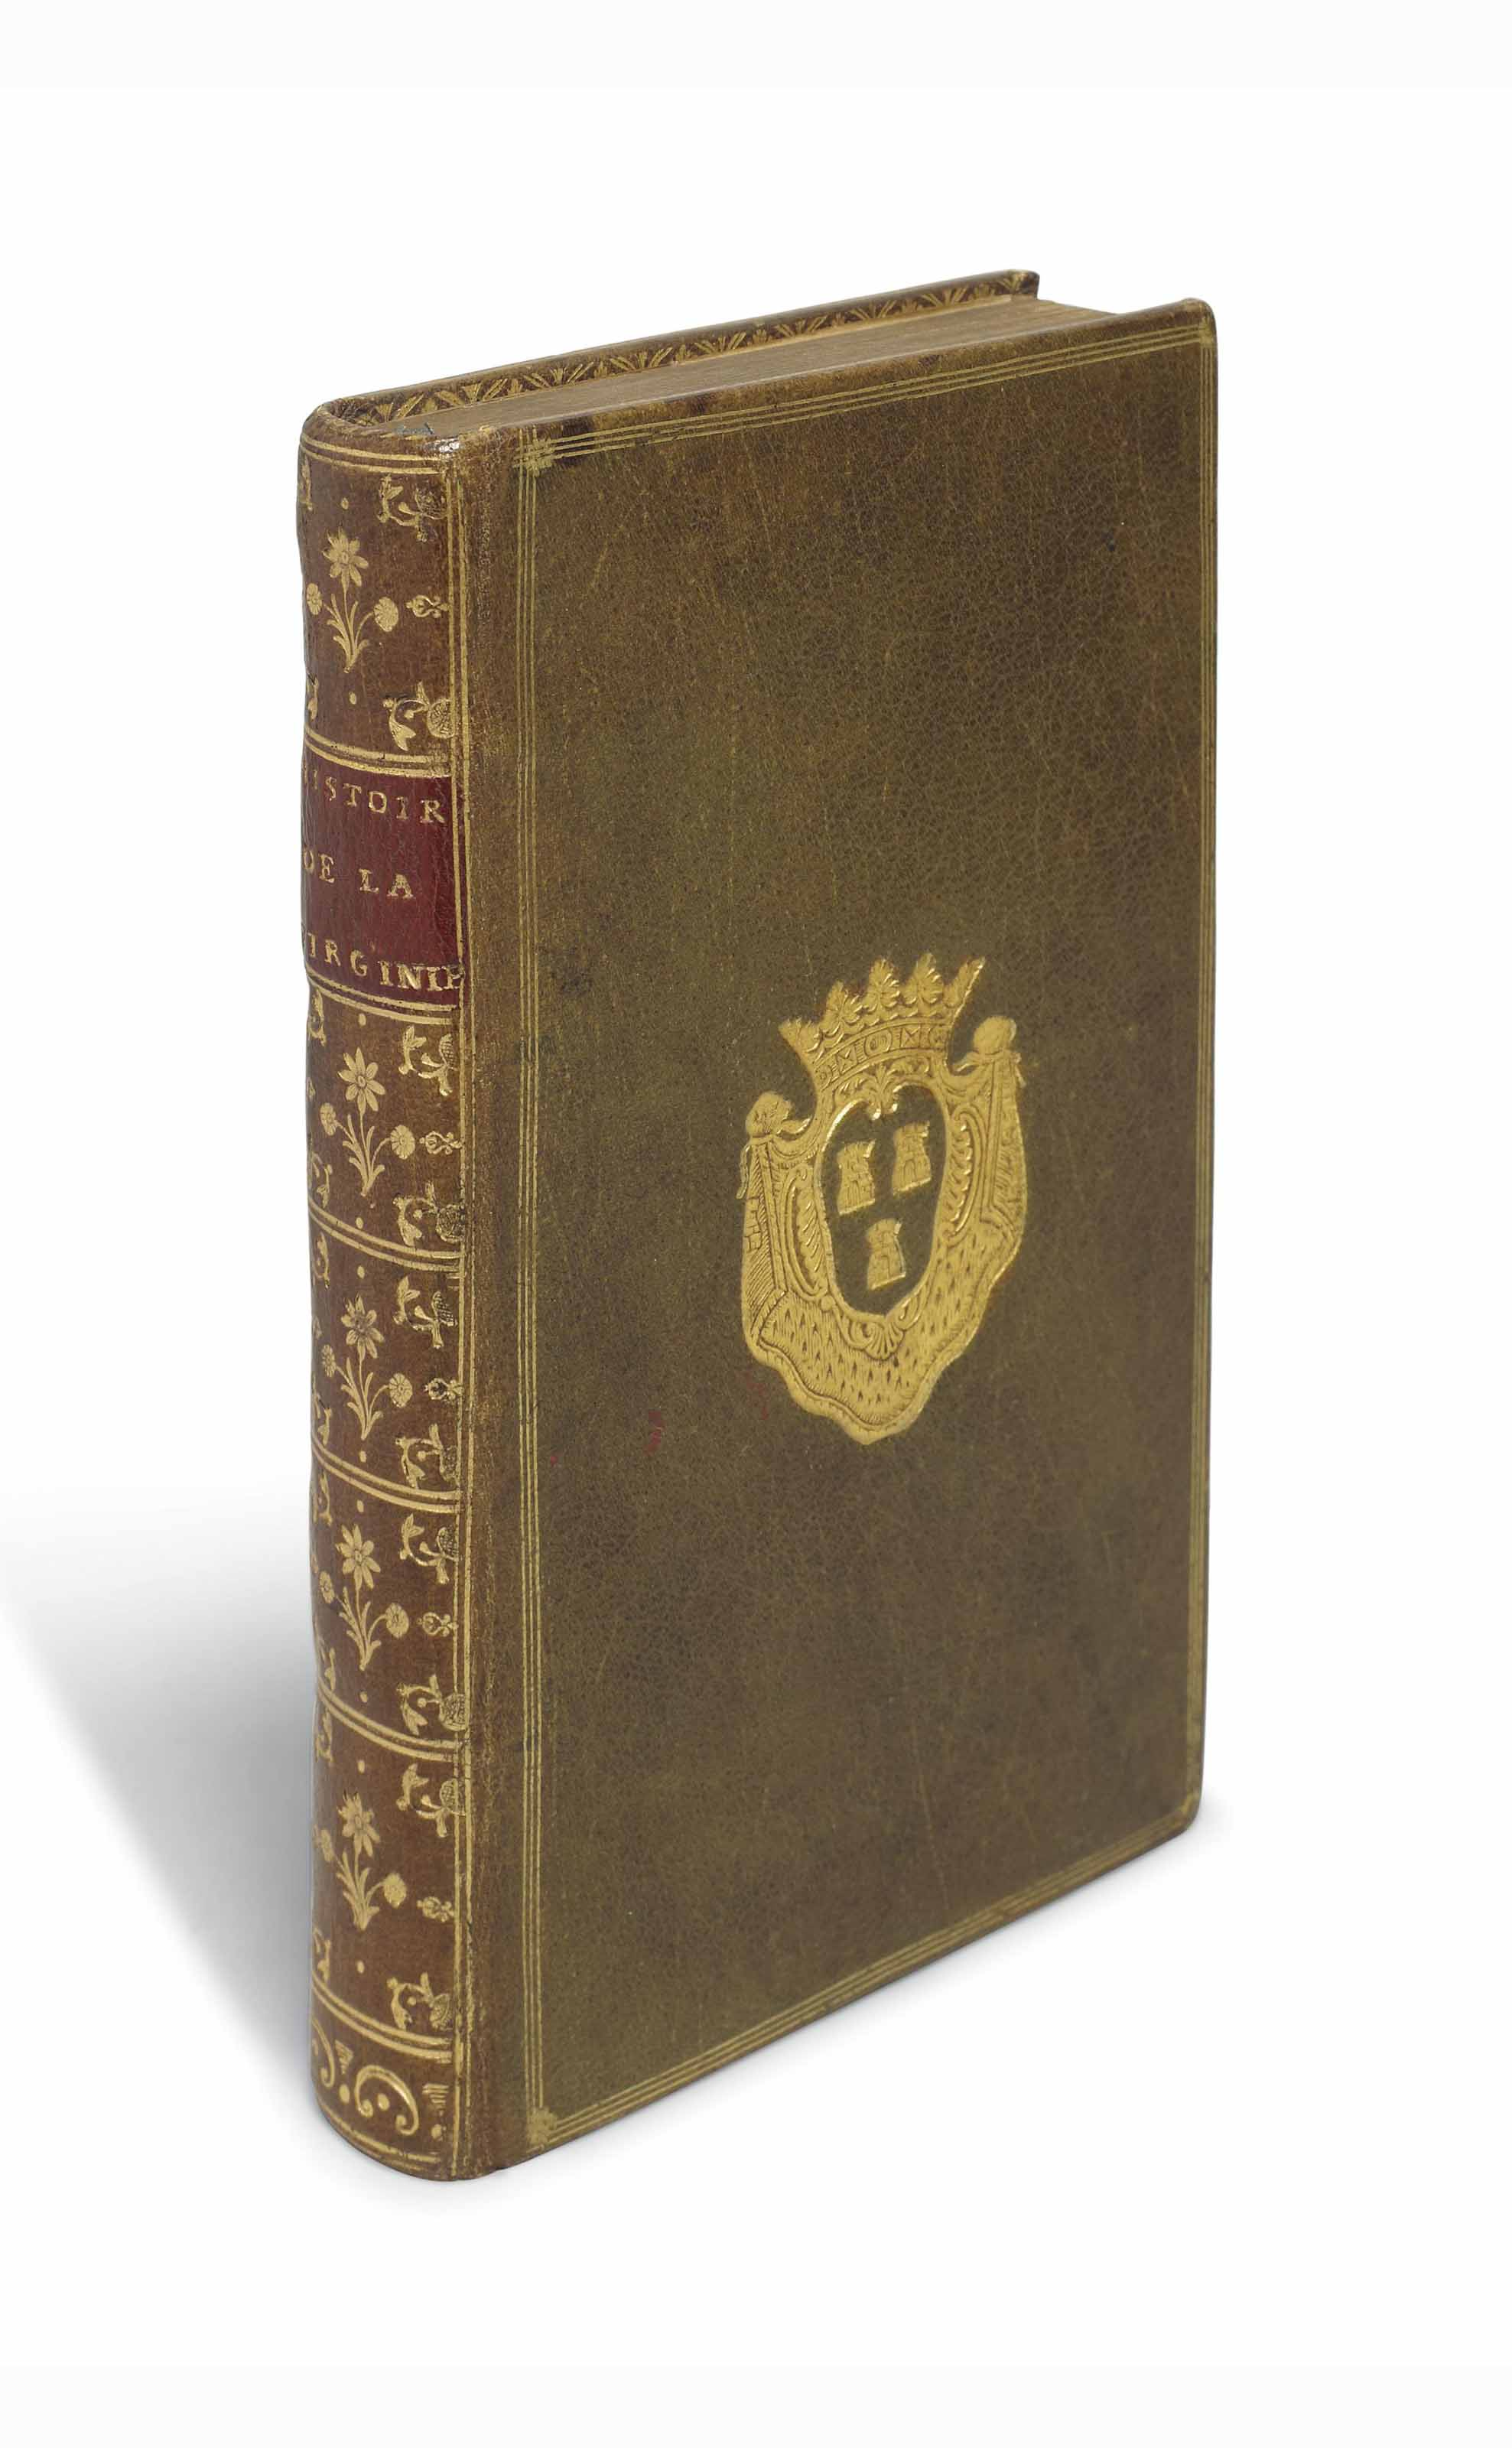 [Robert BEVERLEY (1667-1722)].